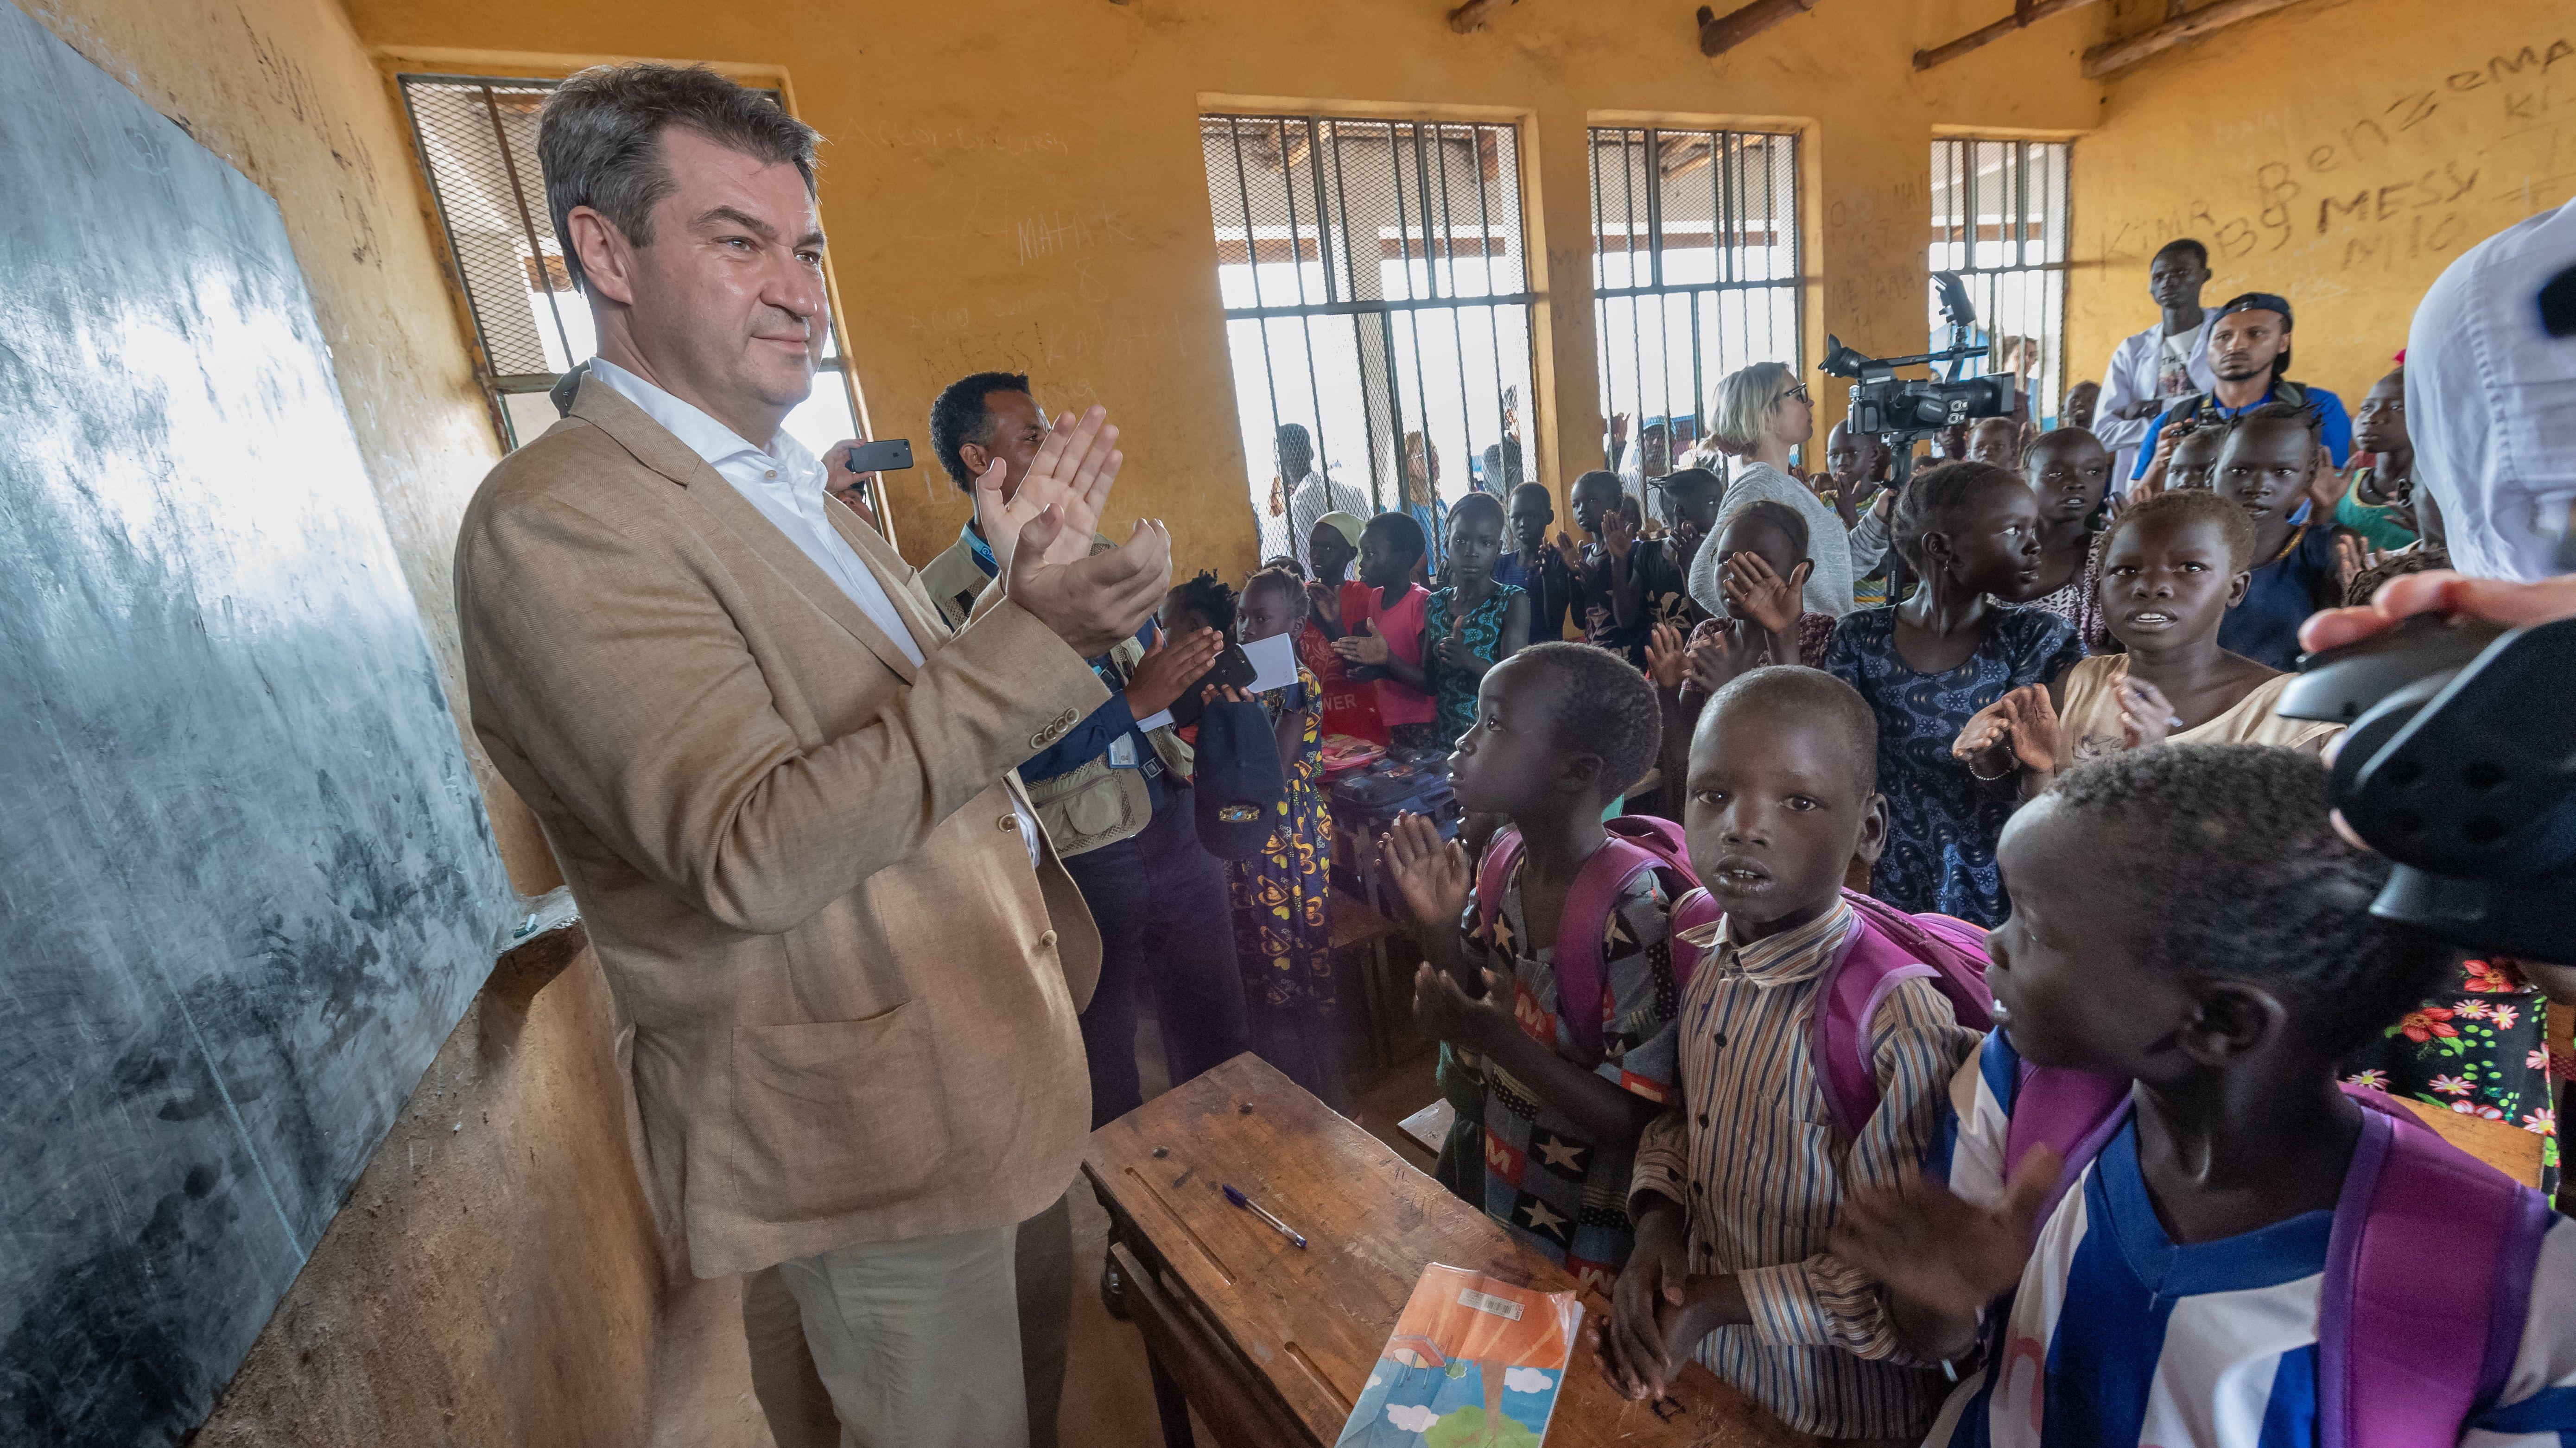 Archiv: Ministerpräsident Söder besucht in Äthiopien eine Schule